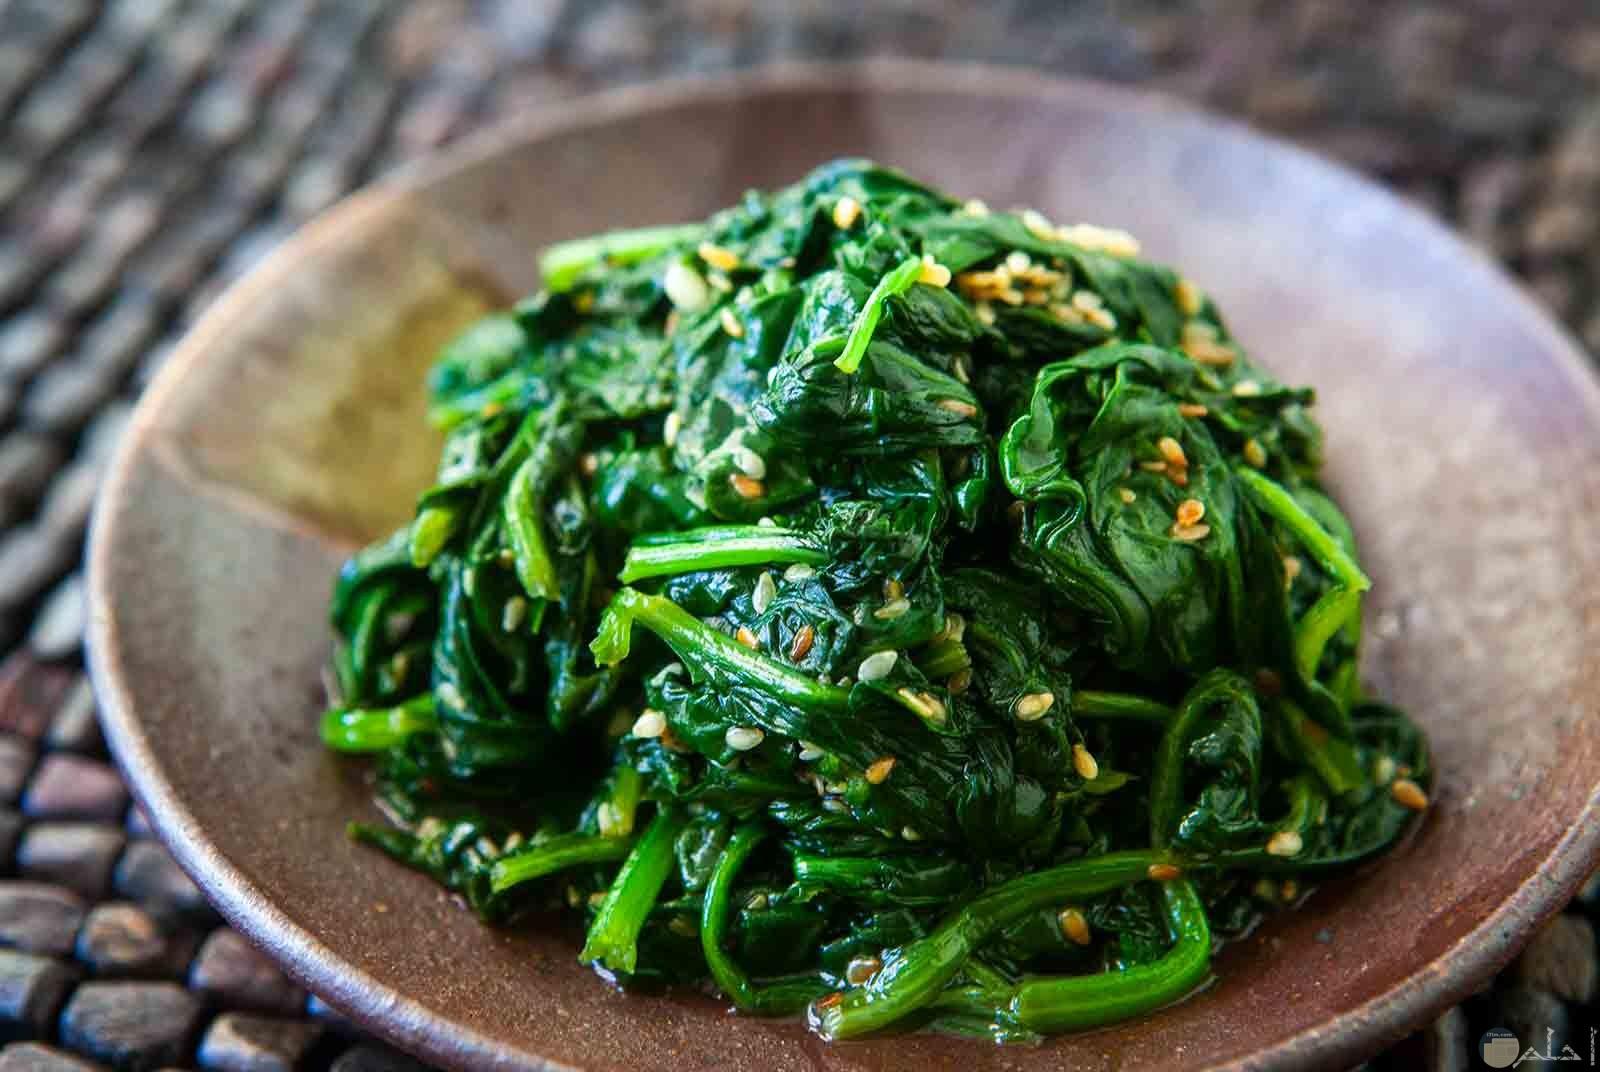 طبق من خضار السبانخ المليء بالمعادن المفيدة للصحة والجسم